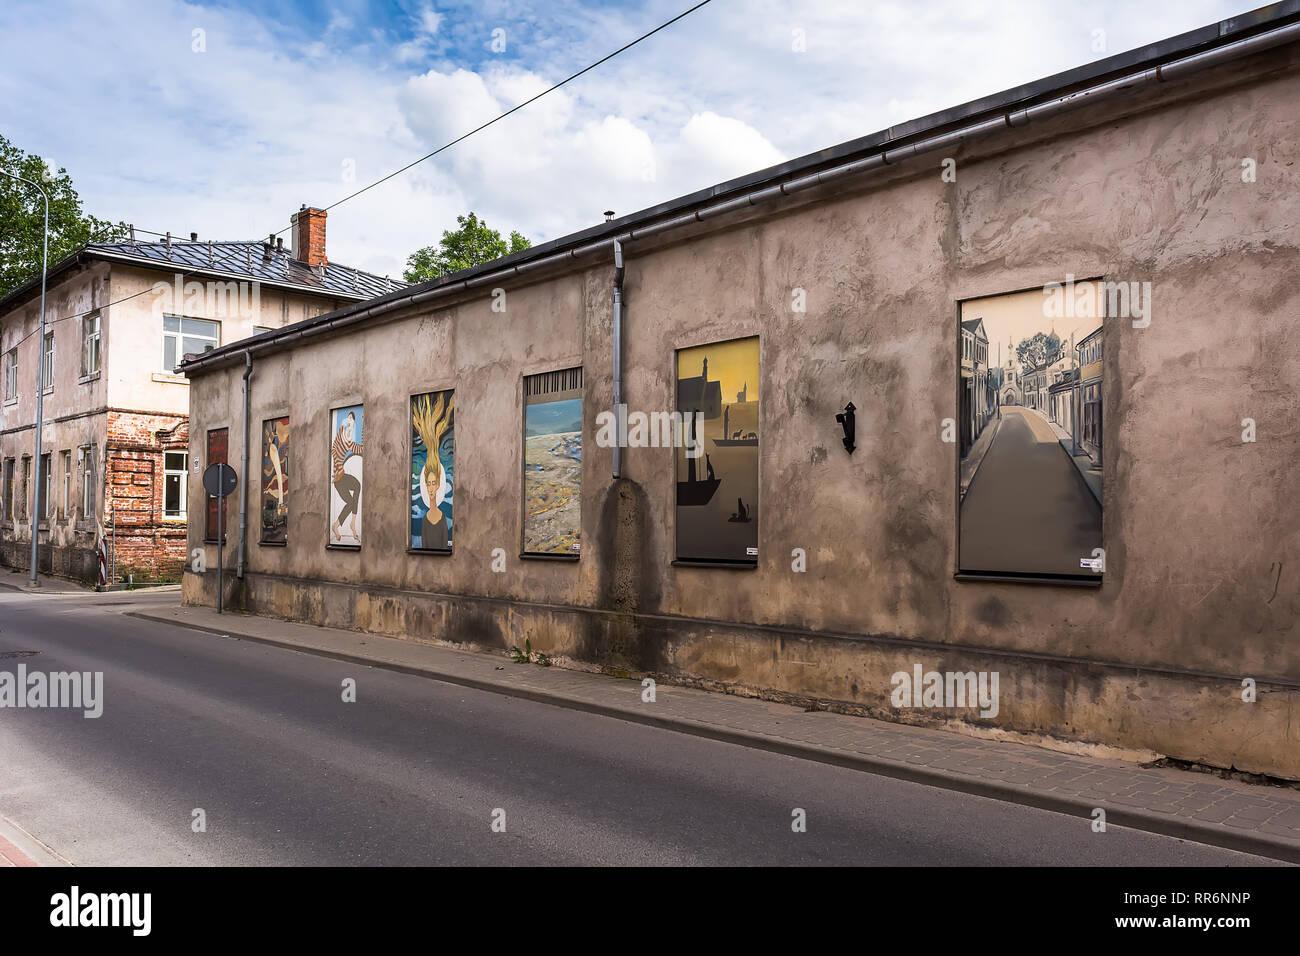 Jekabpils, Lettonia - 25 Giugno 2017: il vecchio abbandonato single-storey cupo edificio in pietra con luminosi colorati dipinti invece di windows. Opposti e Immagini Stock